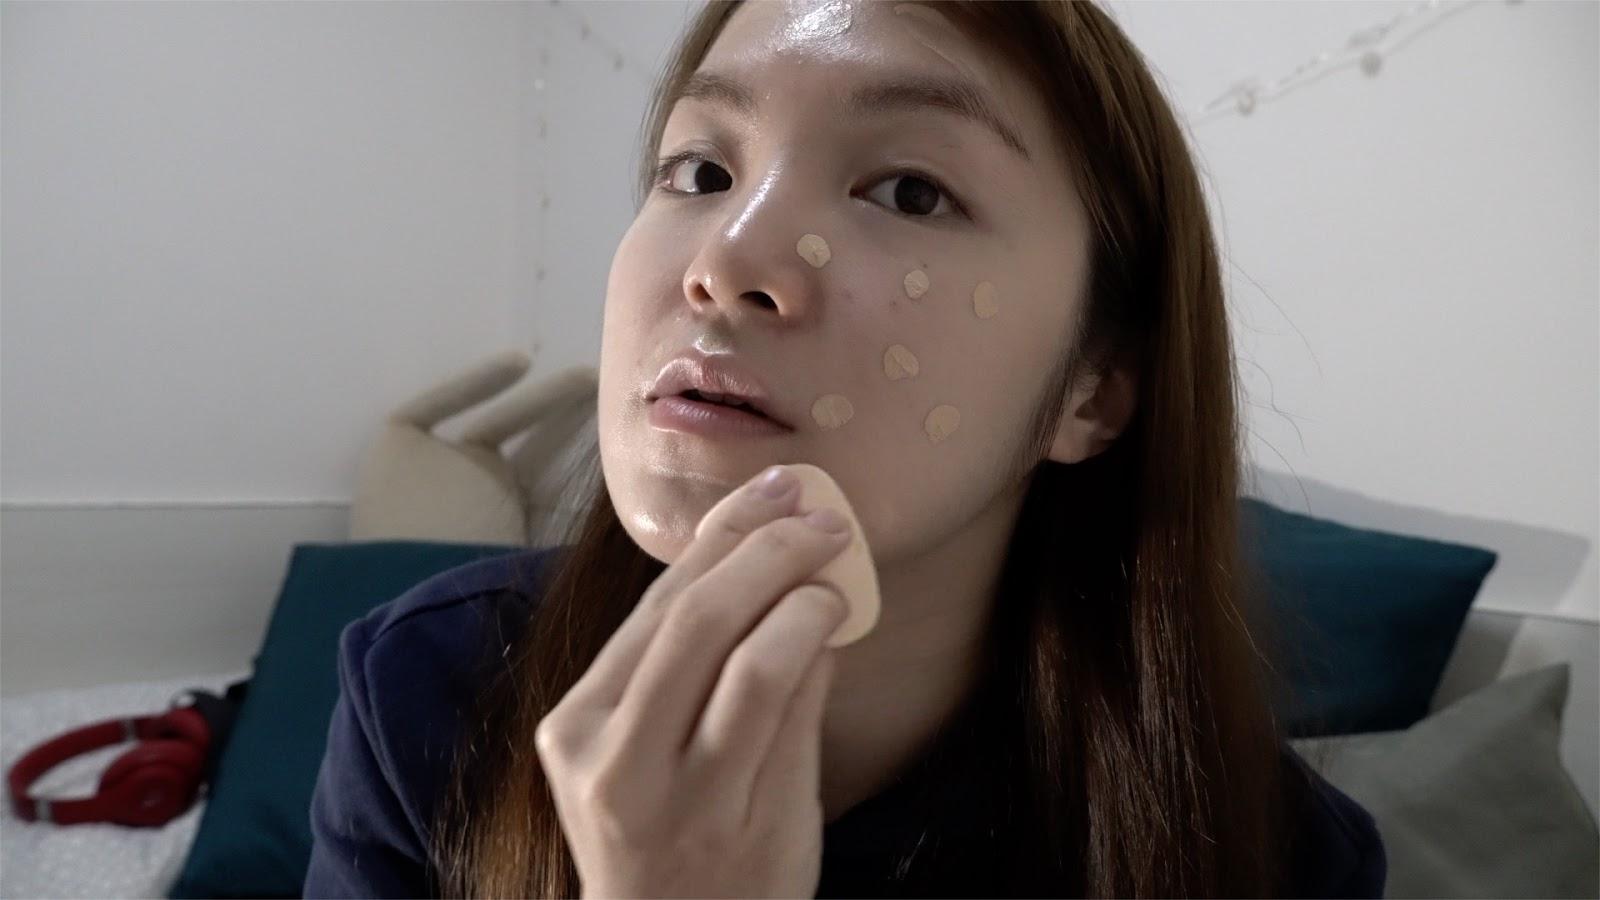 IPSA 粉底霜 透光肌 底妝 好用